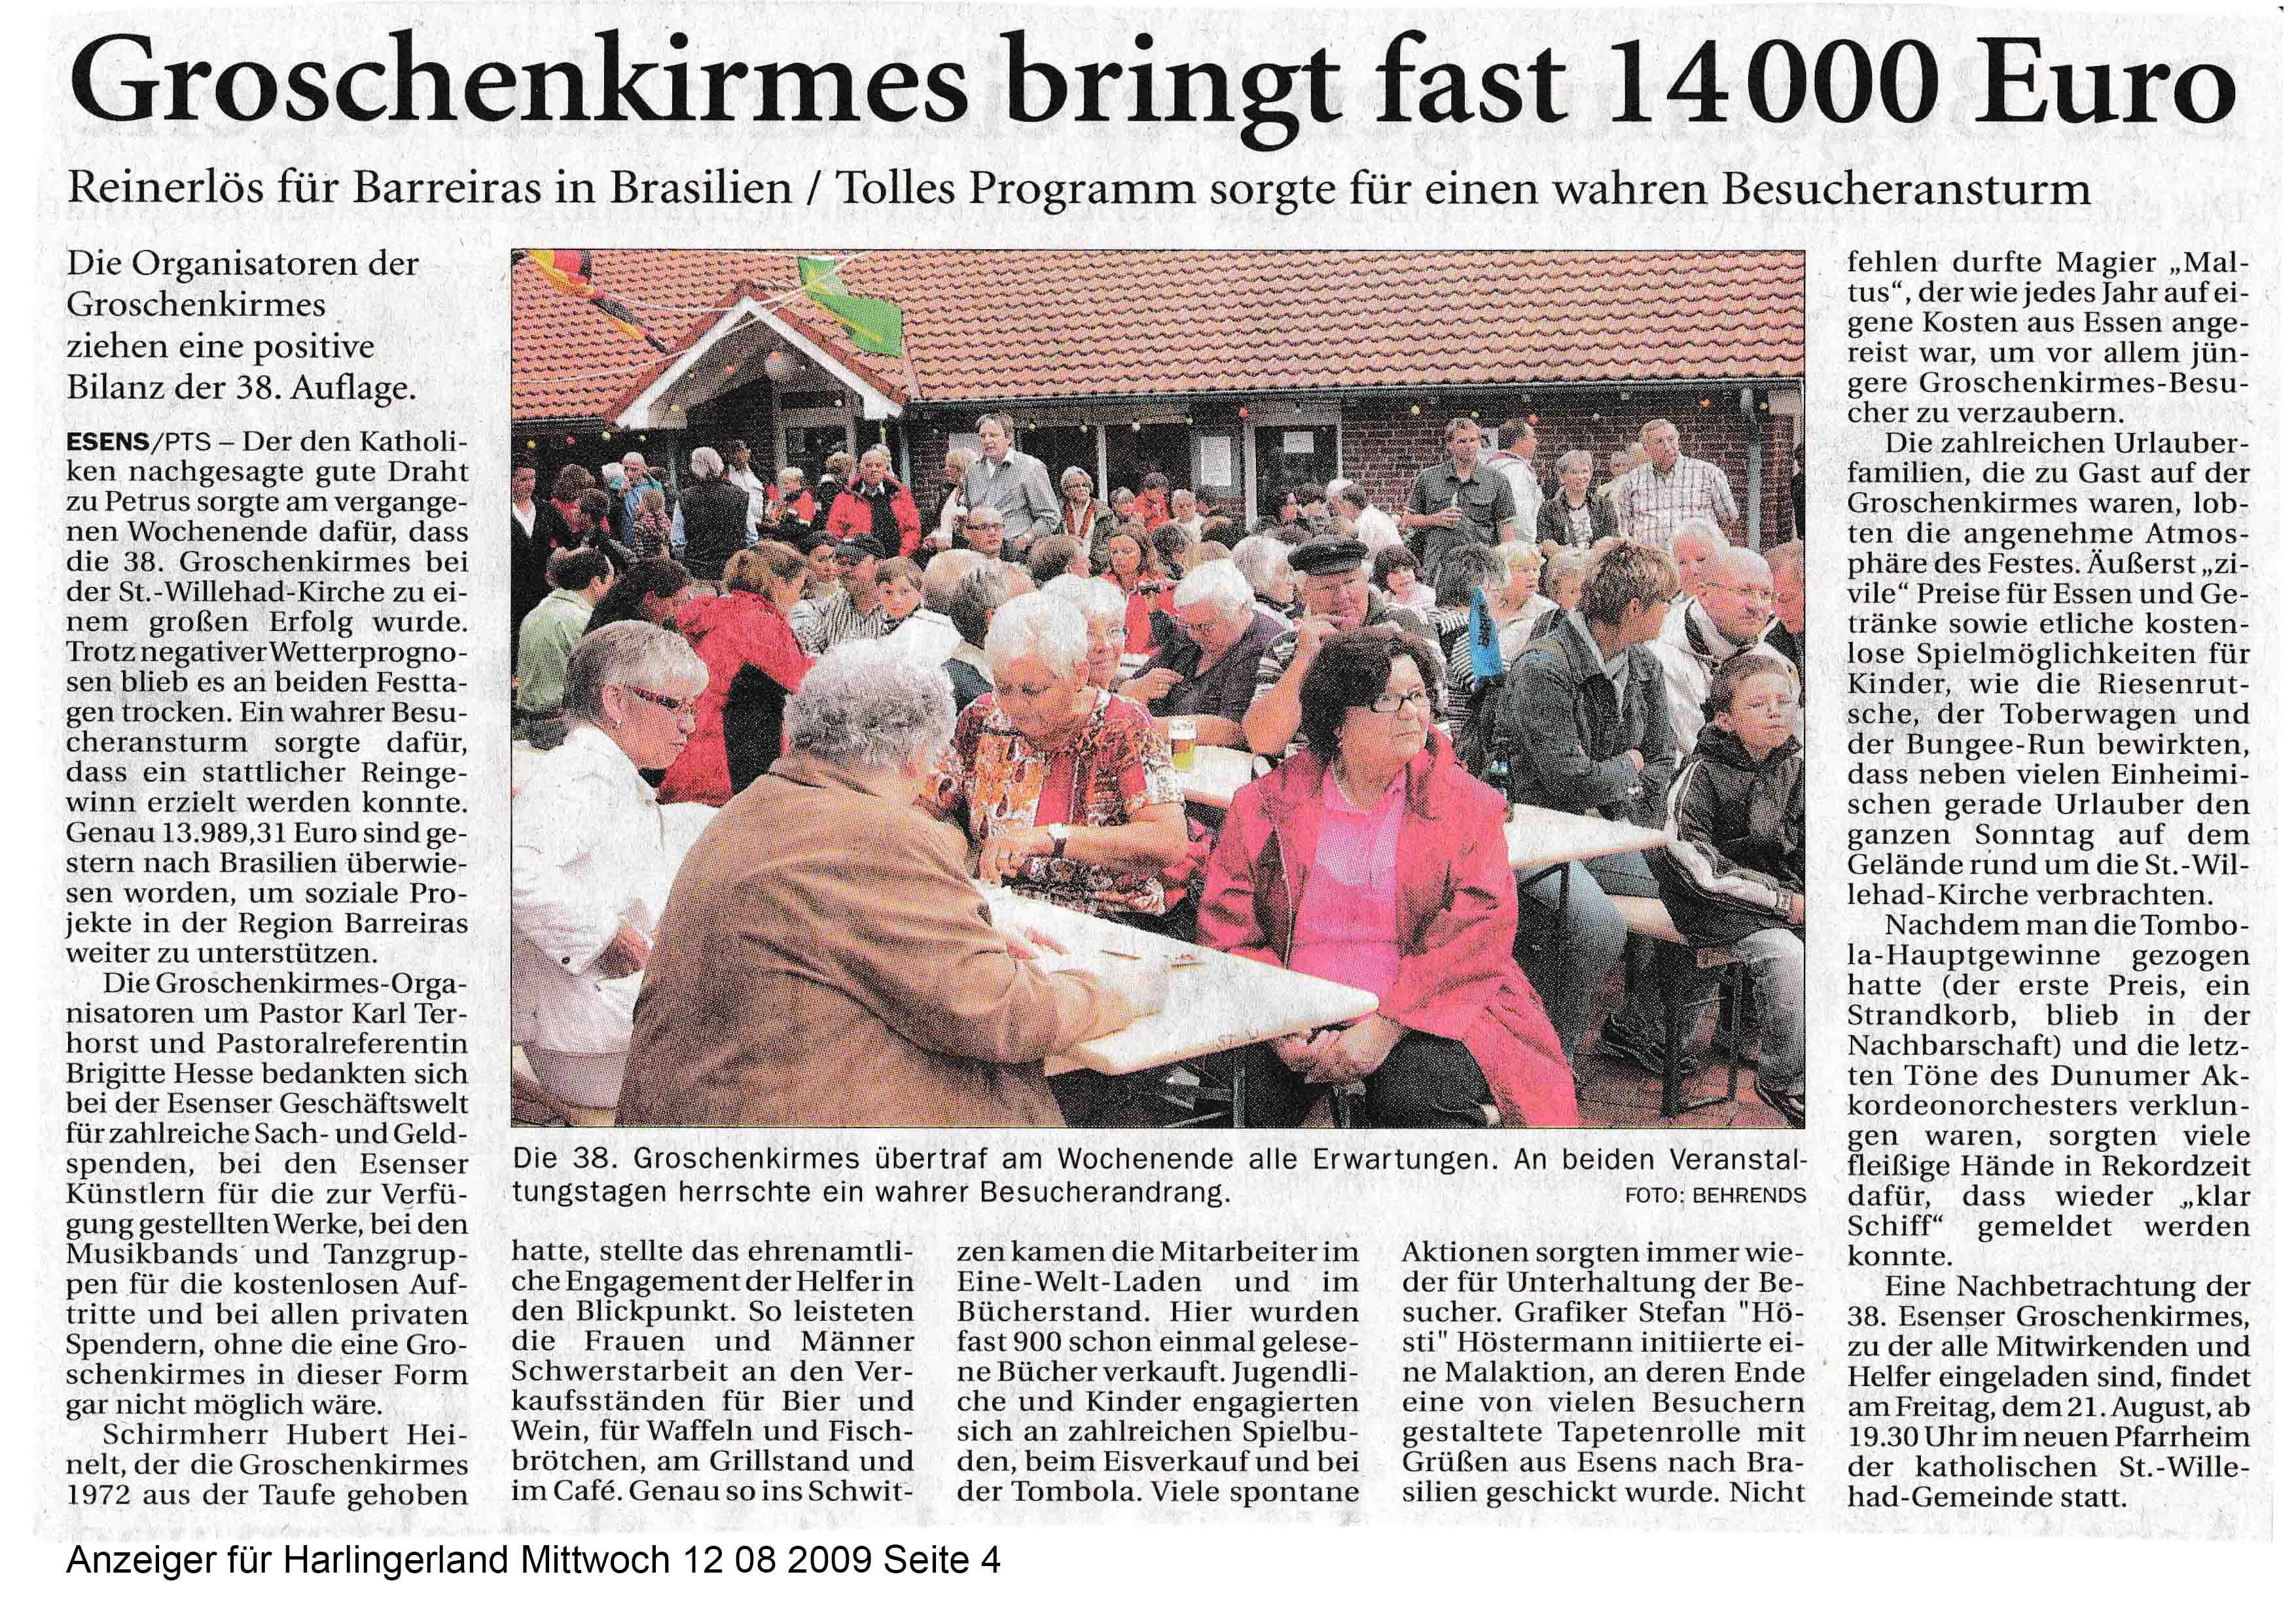 Anzeiger für Harlingerland Mittwoch 12 08 2009 Seite 4